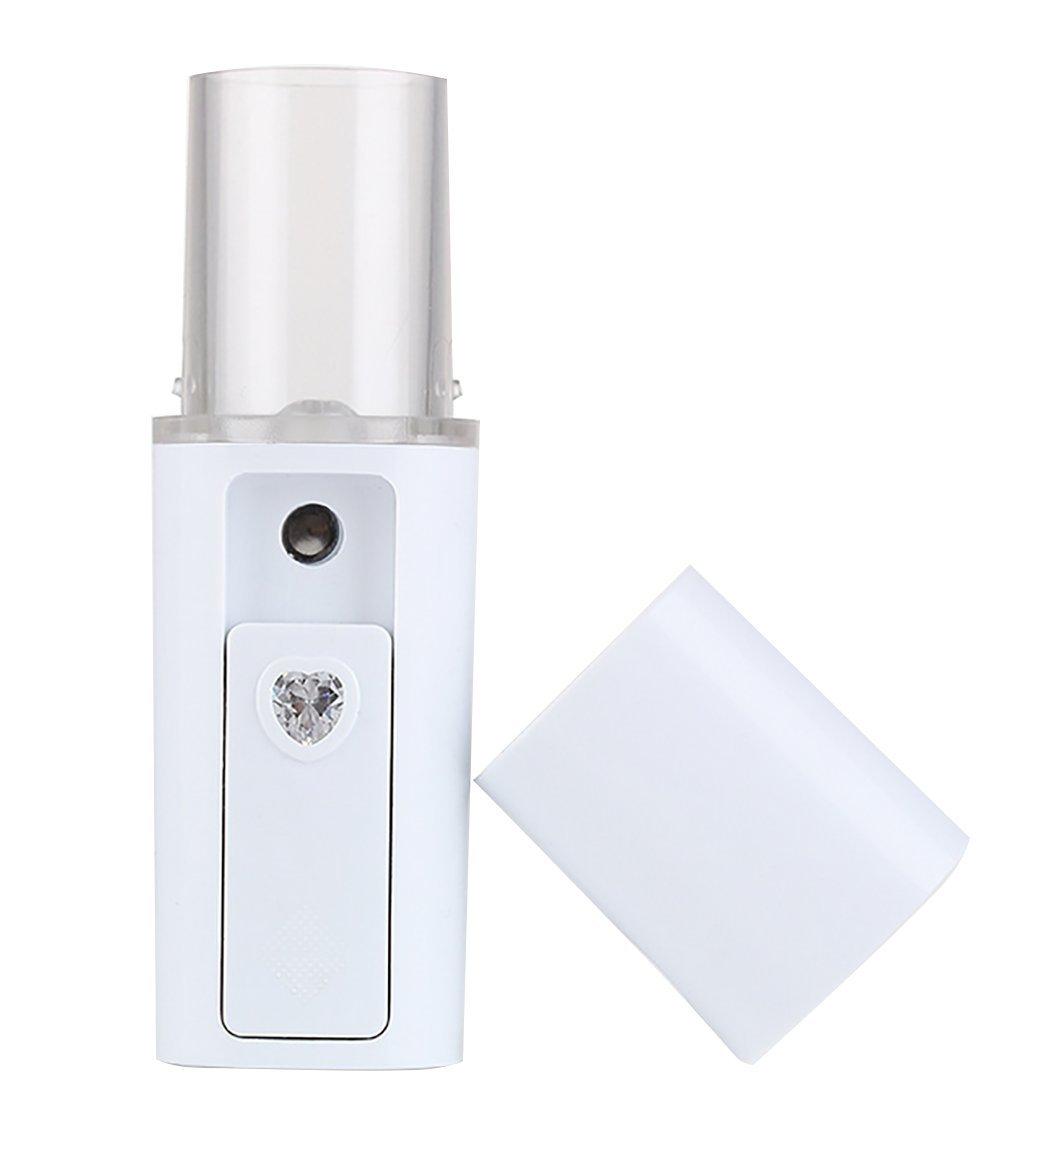 Kapmore Rociador Facial Humectante Recargable Cara Facial Vaporizador Facial (Pink): Amazon.es: Belleza